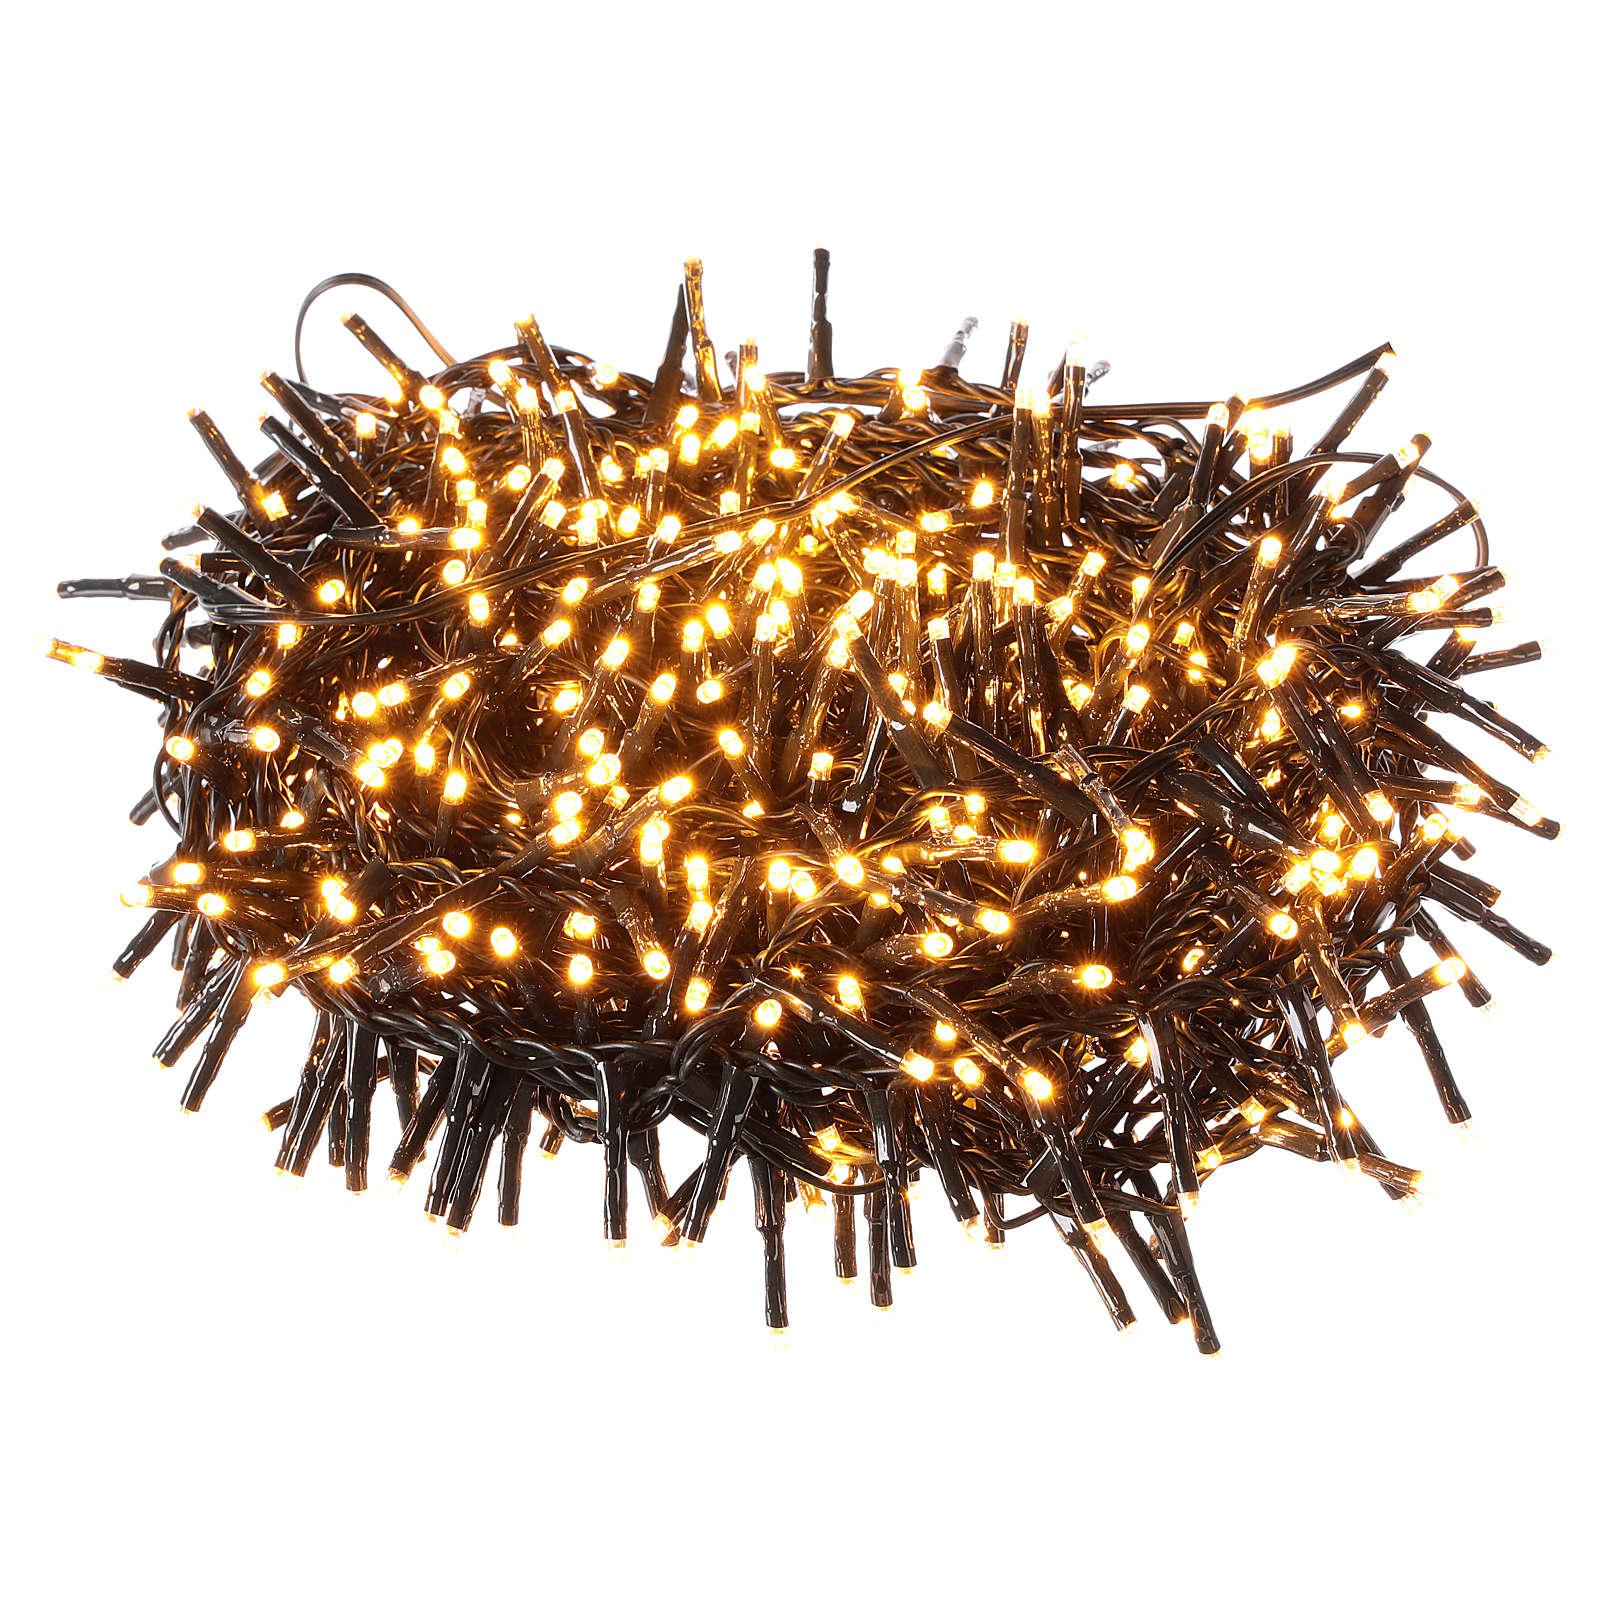 Guirlande 750 LED blanc chaud ambrée extérieur 220V 3